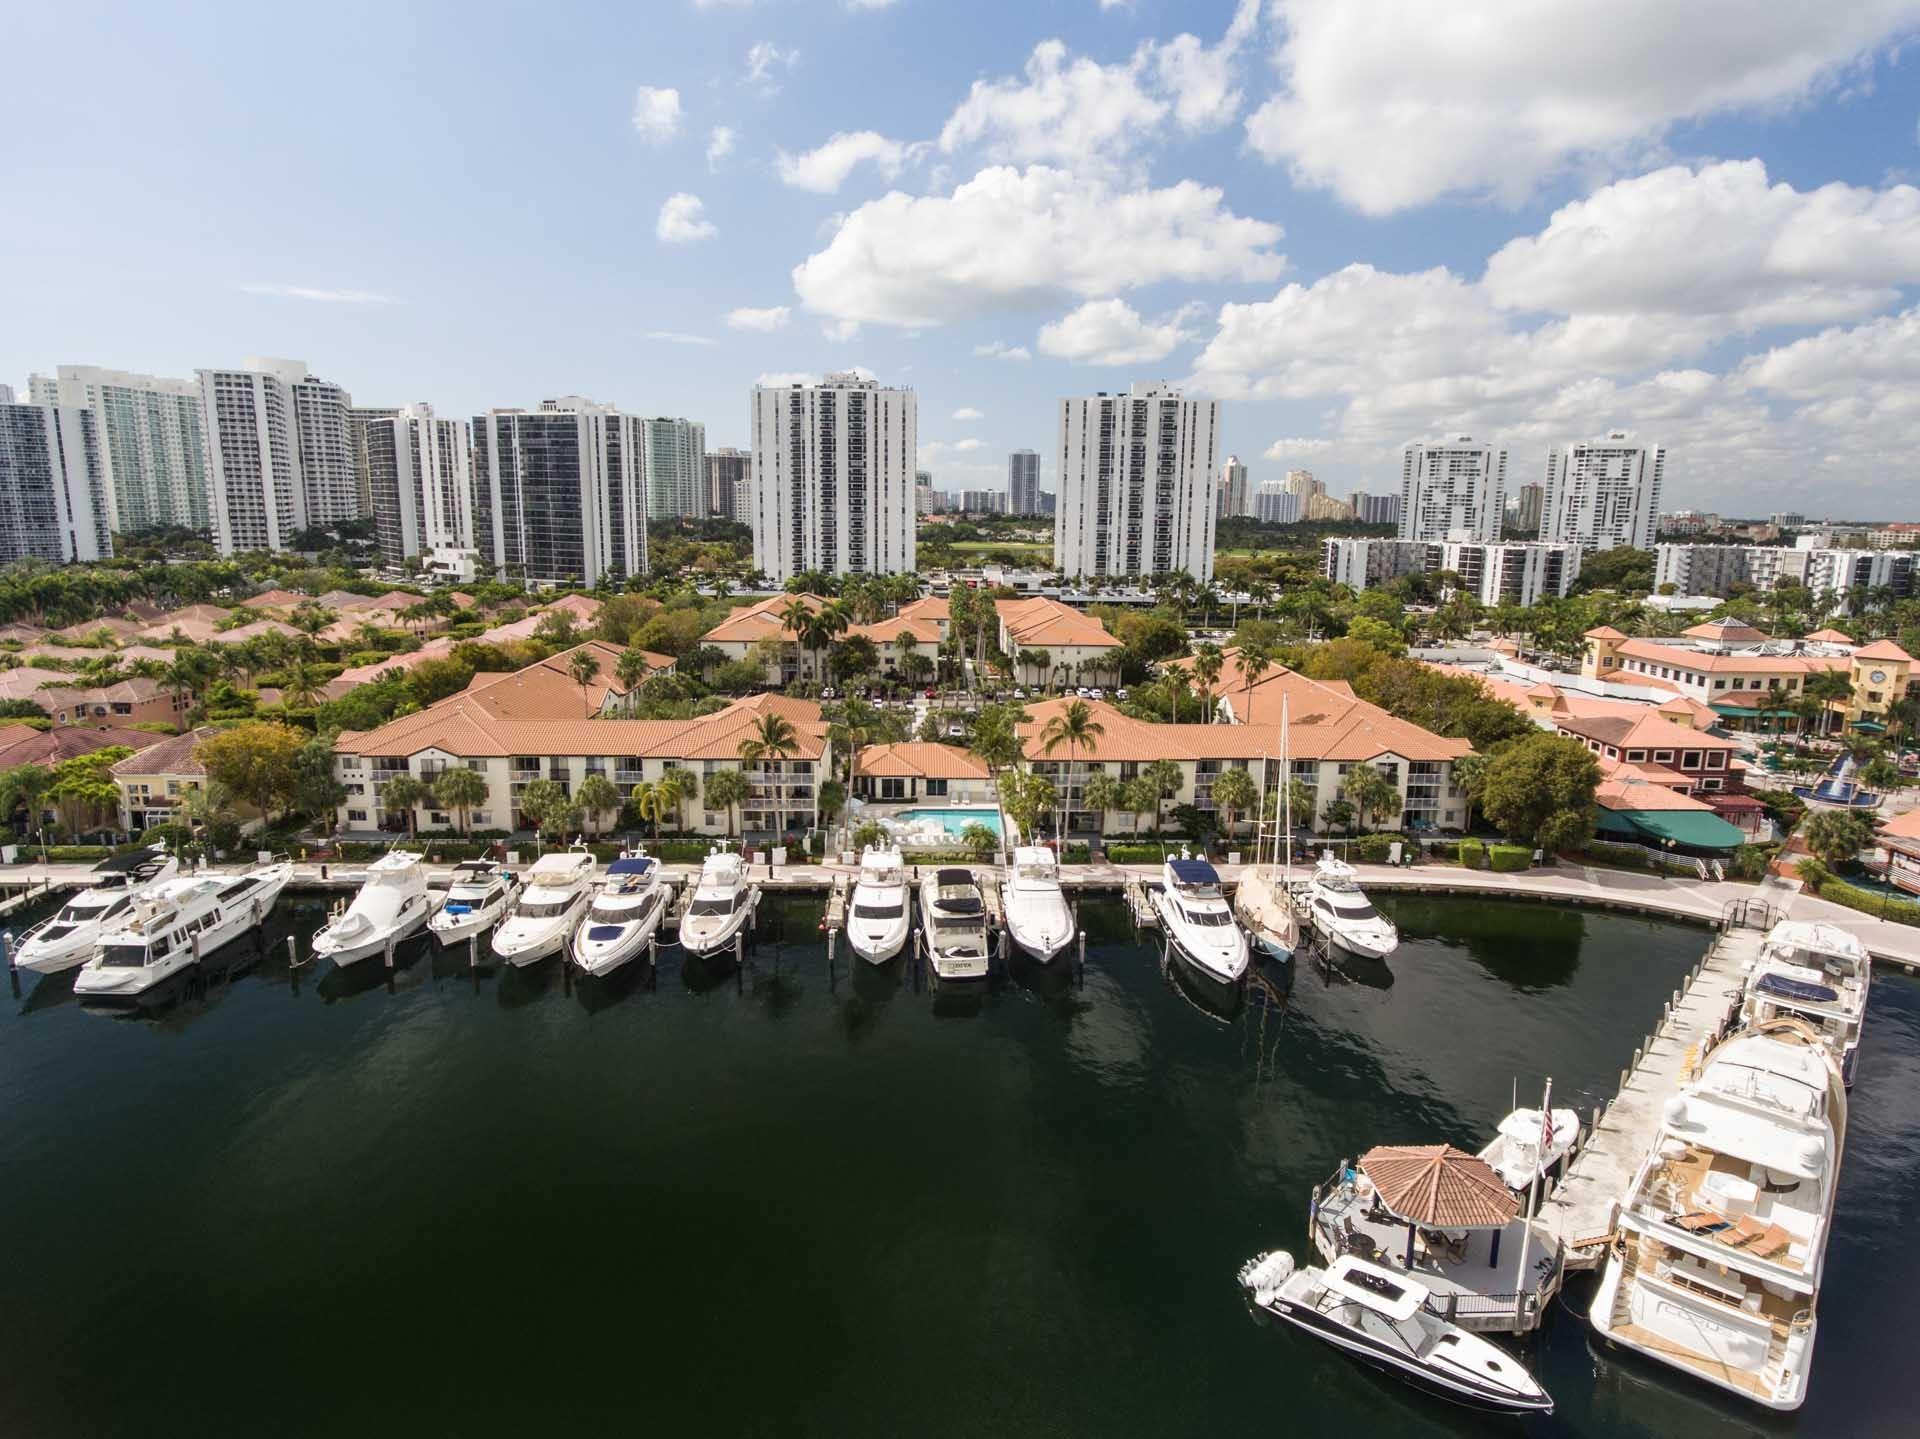 Waterways Village Apartments